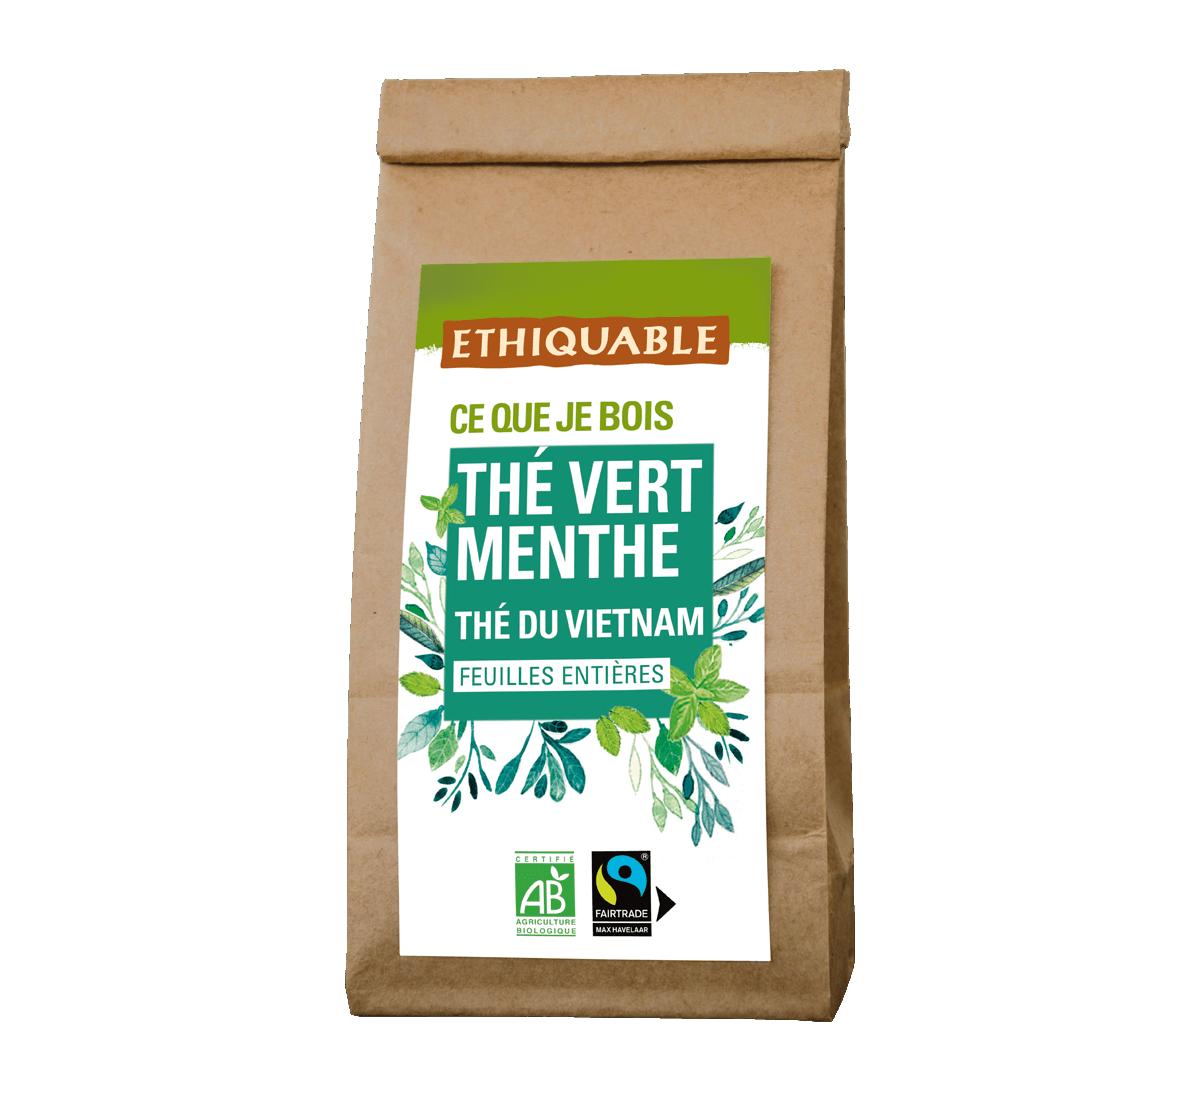 Thé vert Menthe bio en vrac du Vietnam issu du Commerce Equitable I Ethiquable